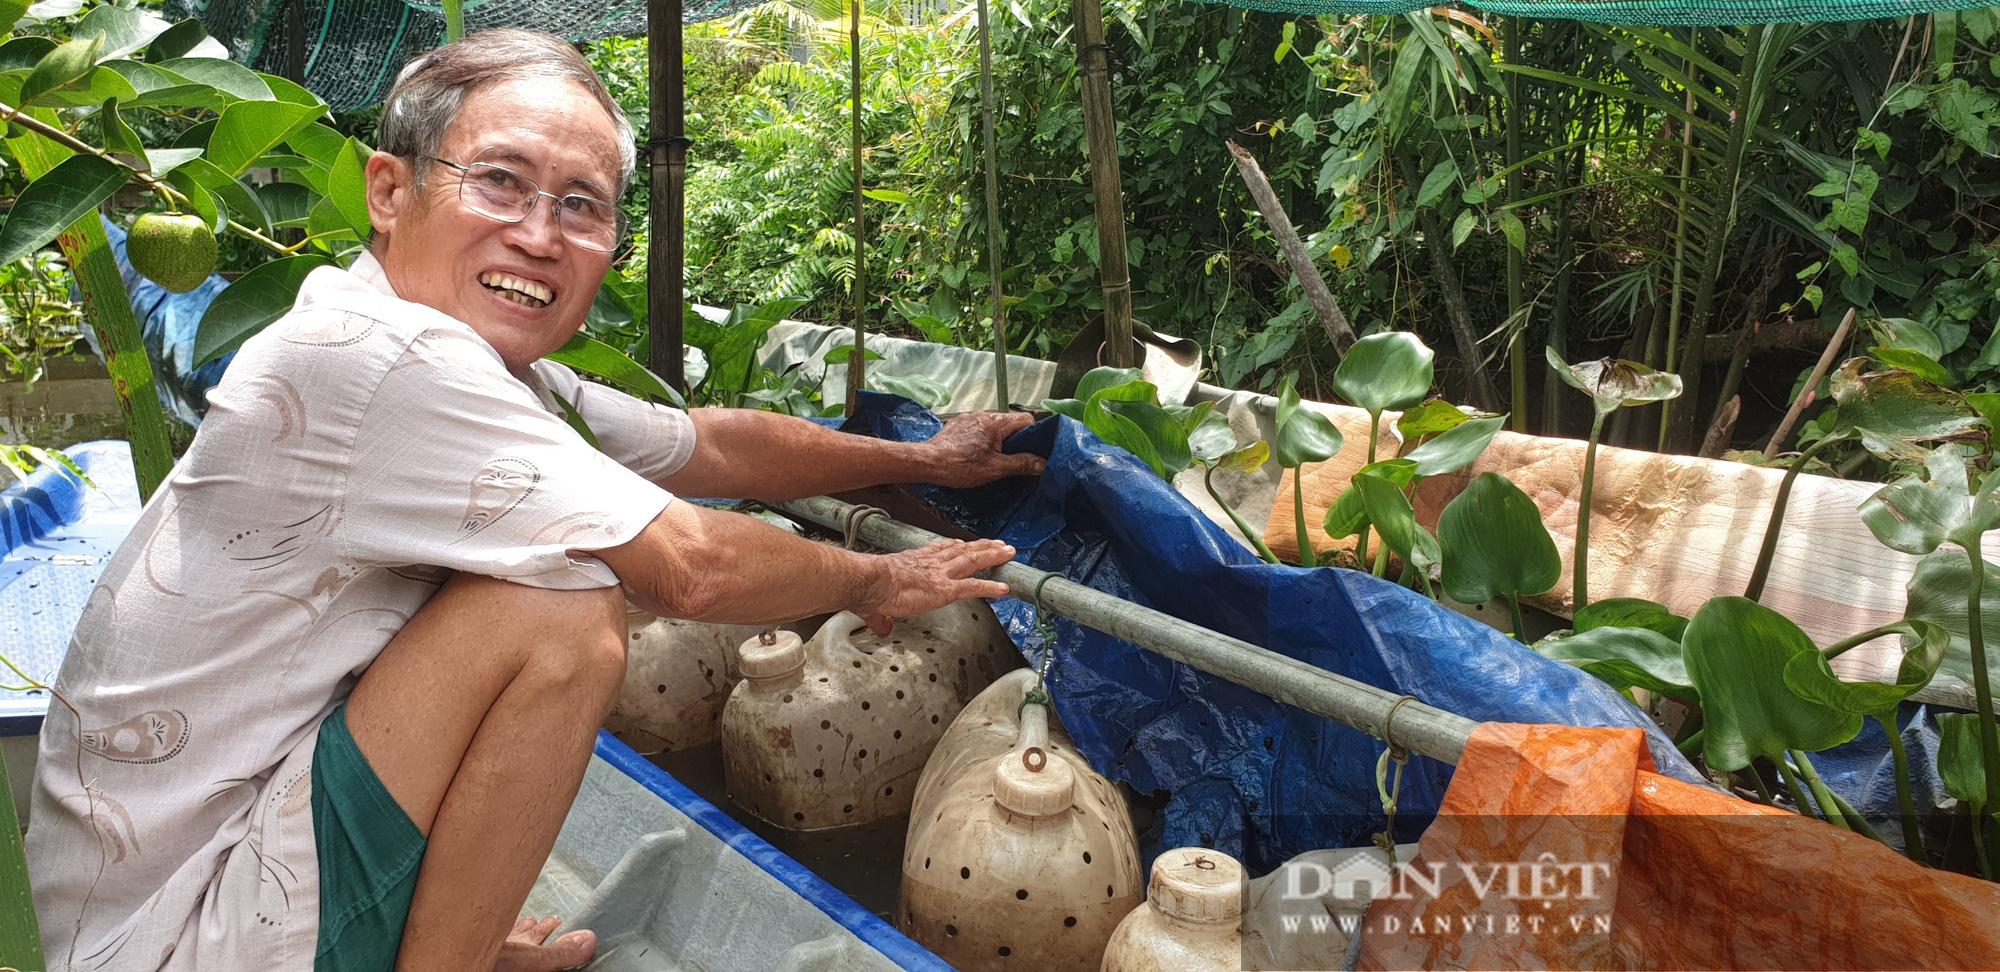 """Lão nông nuôi lươn trong can nhựa """"độc"""" nhất miền Tây: Chỉ tuyệt chiêu dưỡng lươn đồng bị chích điện không bị chết - Ảnh 6."""